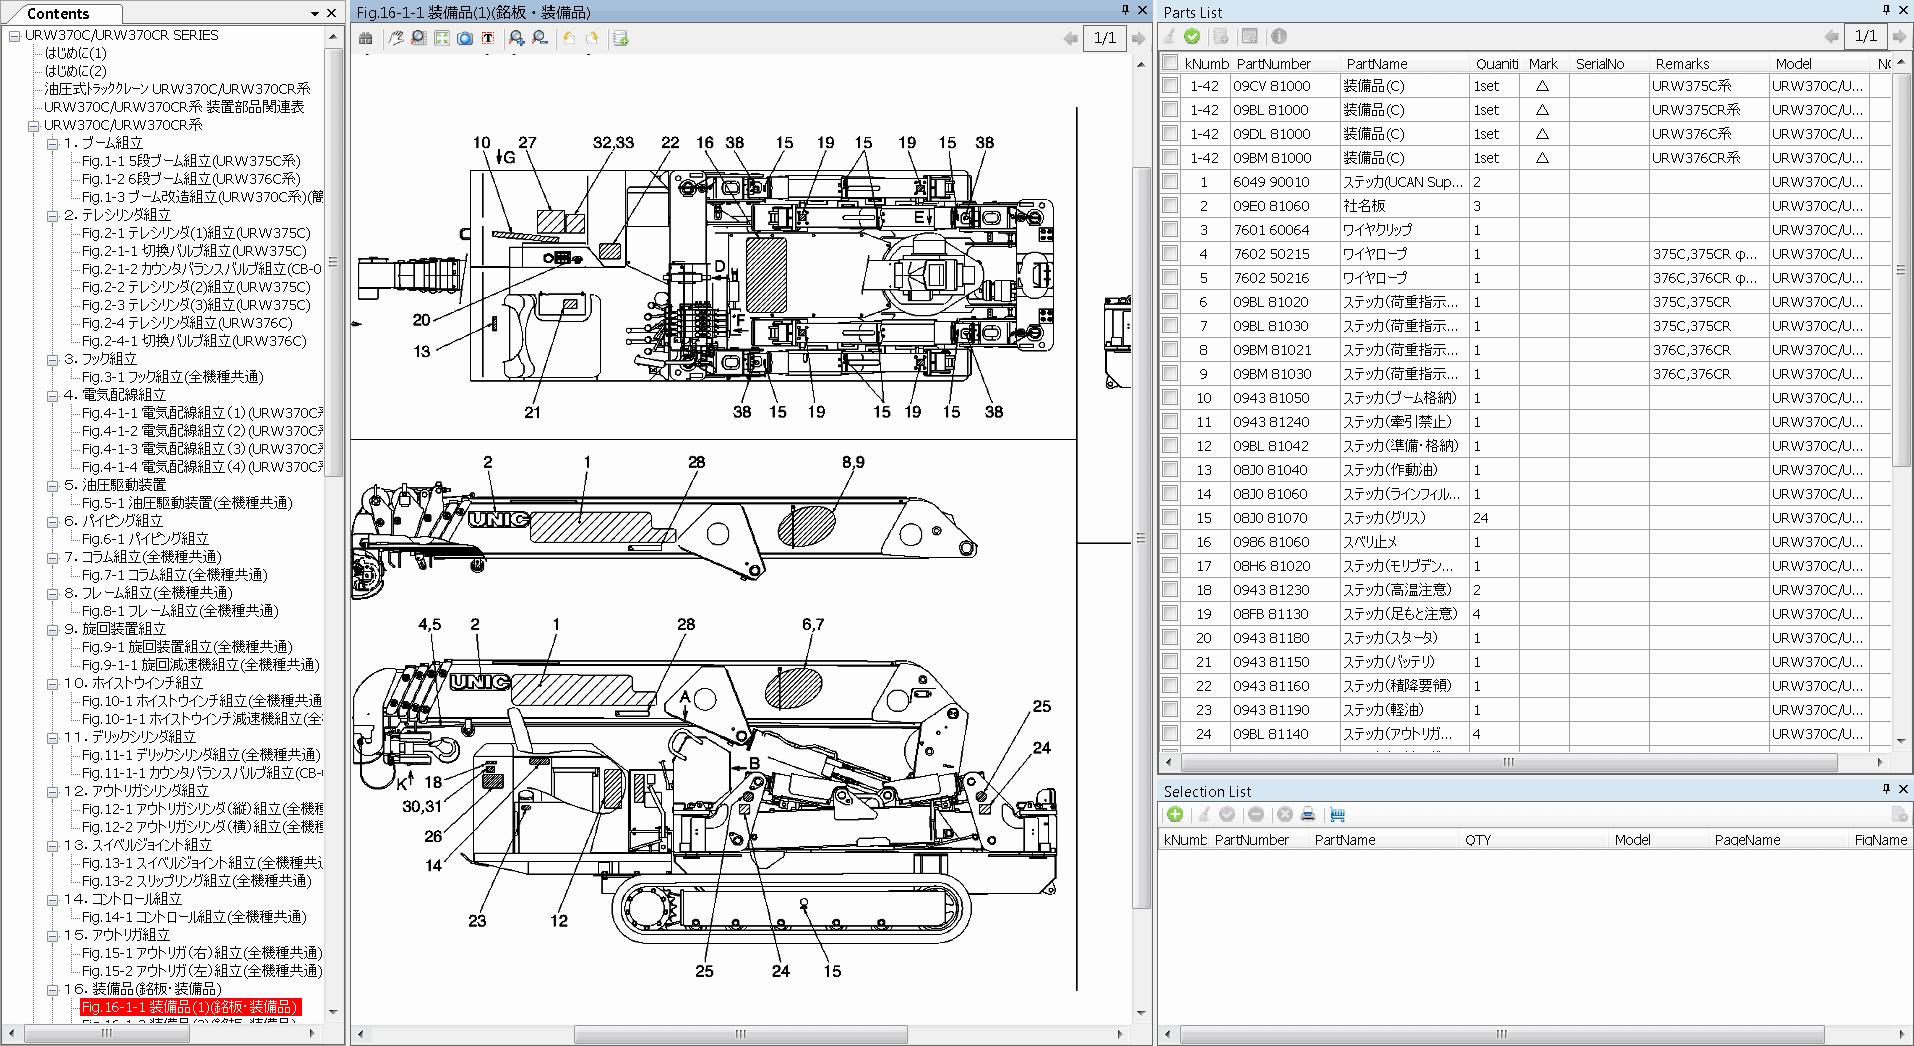 Furukawa_Unic_Hydraulic_Crane_CSS-NET_062020_Parts_Catalog4